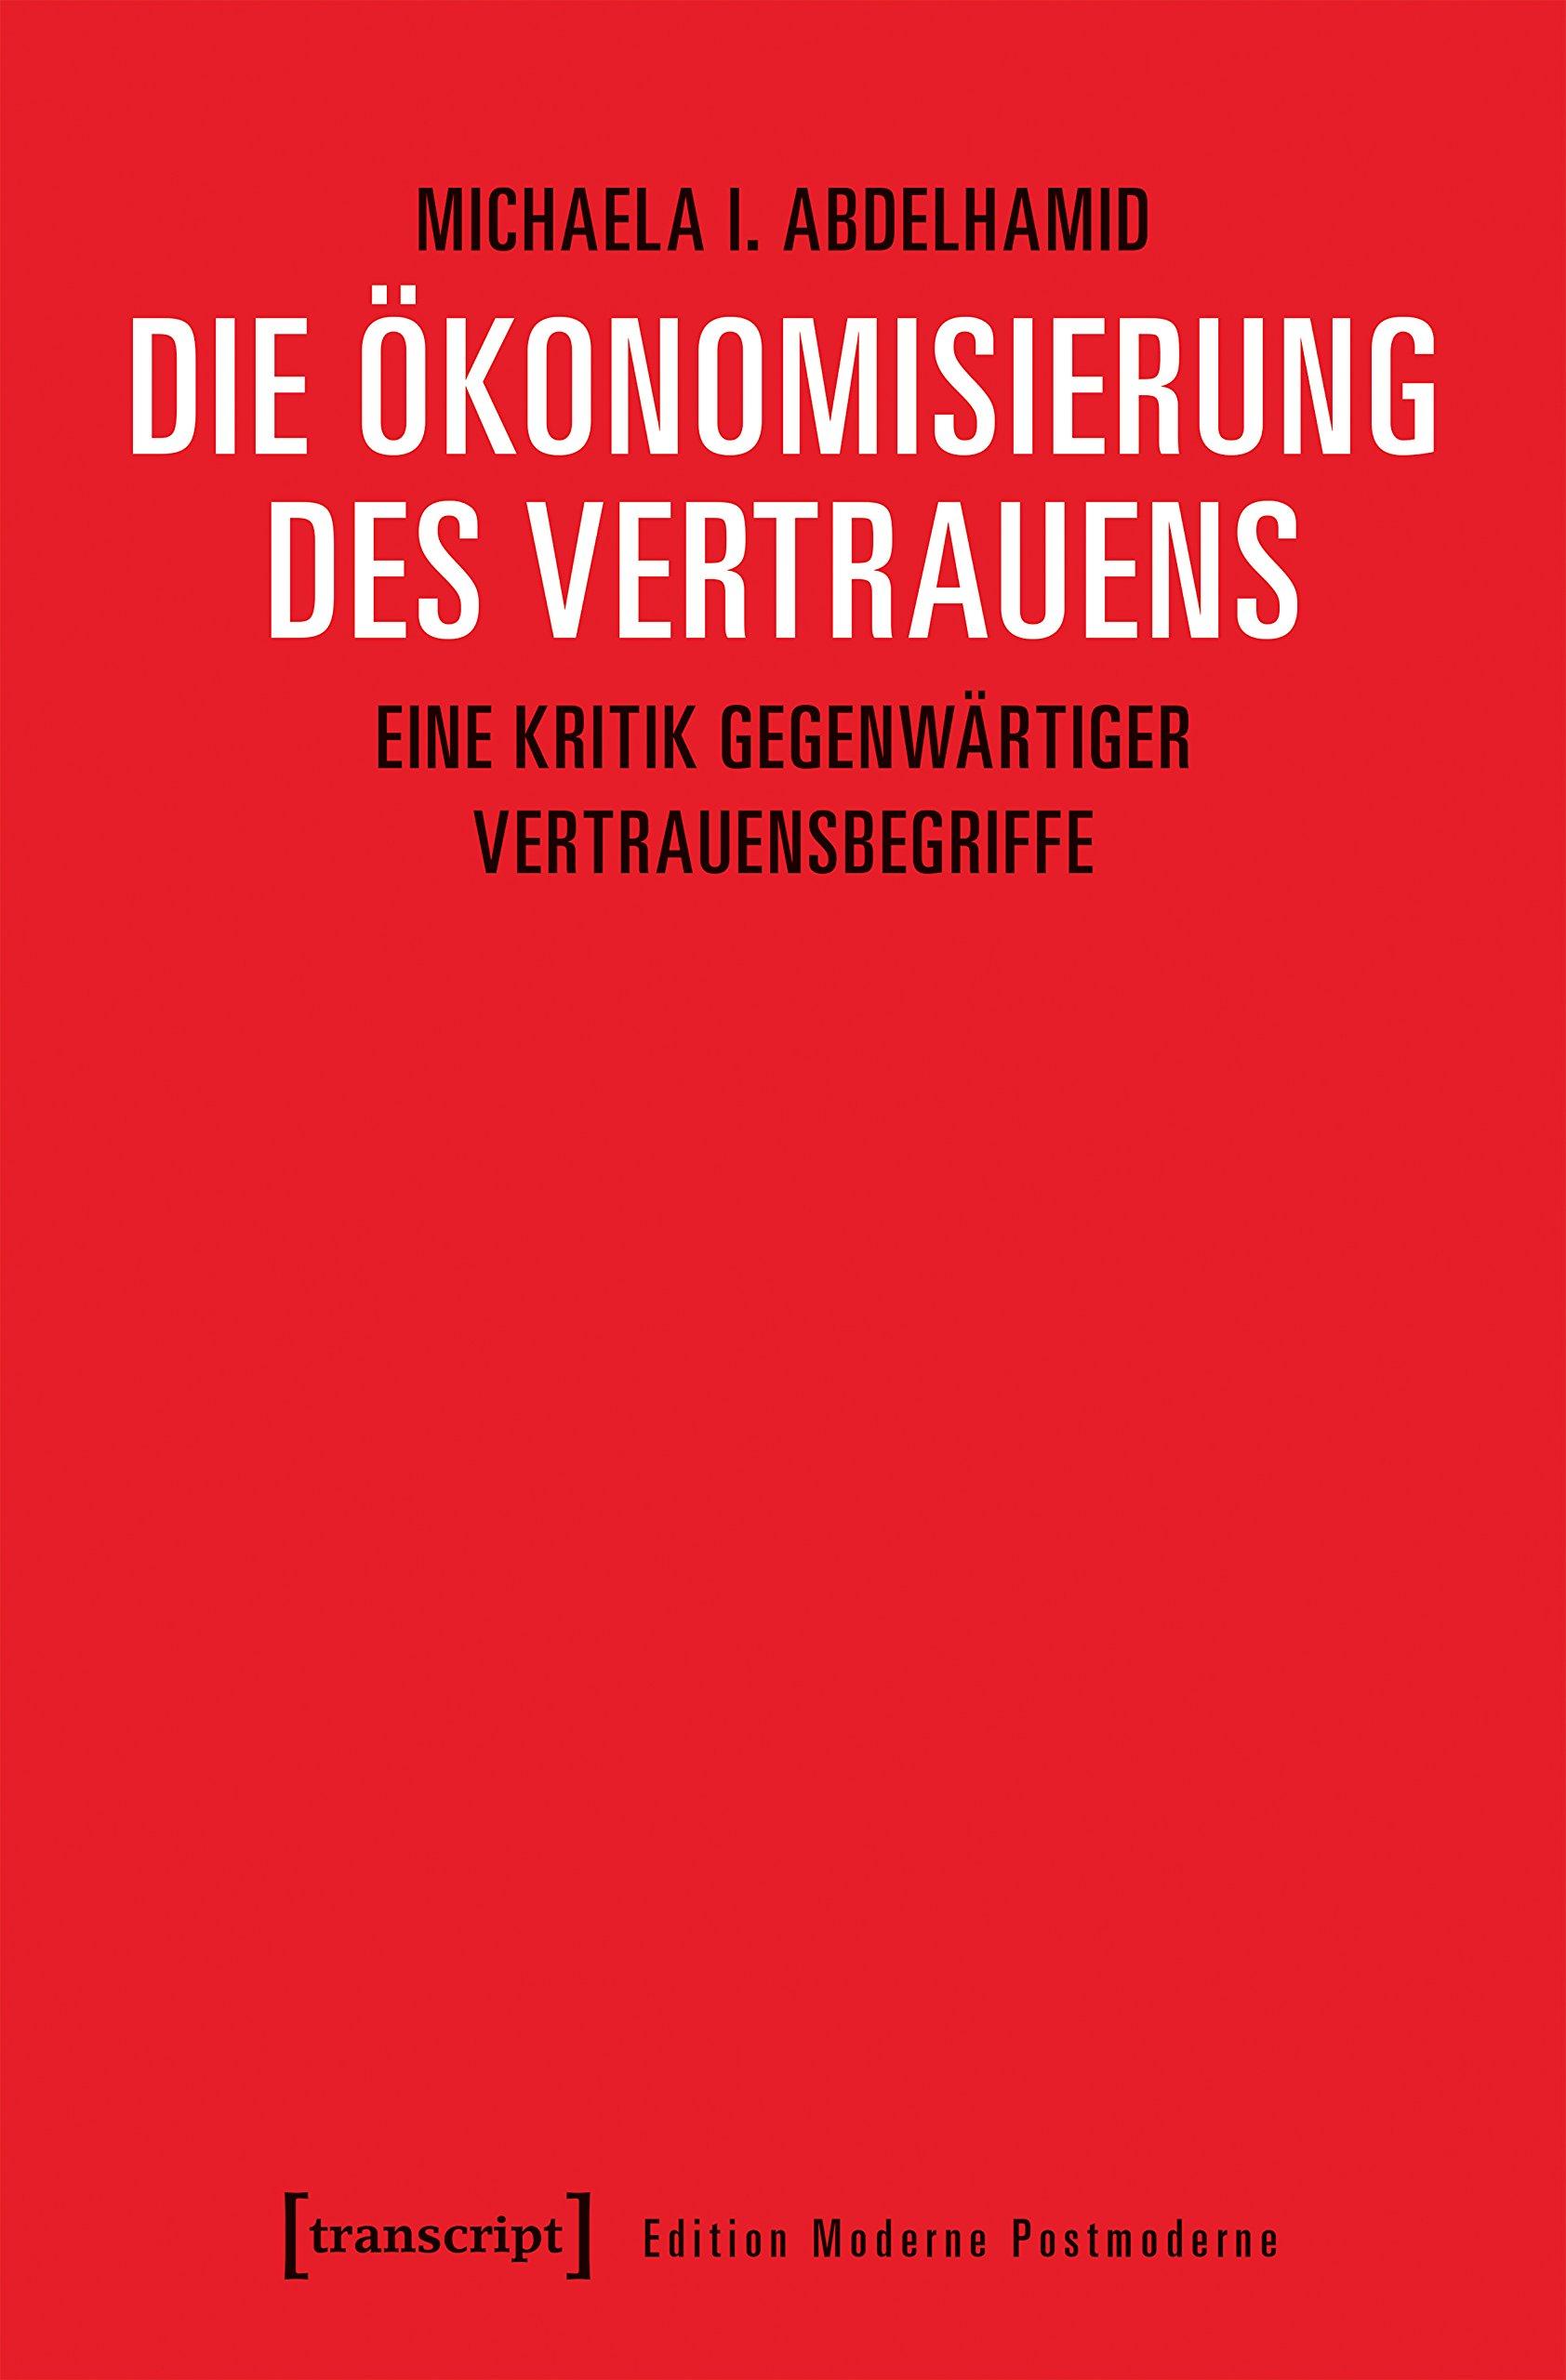 Die Ökonomisierung des Vertrauens: Eine Kritik gegenwärtiger Vertrauensbegriffe (Edition Moderne Postmoderne)